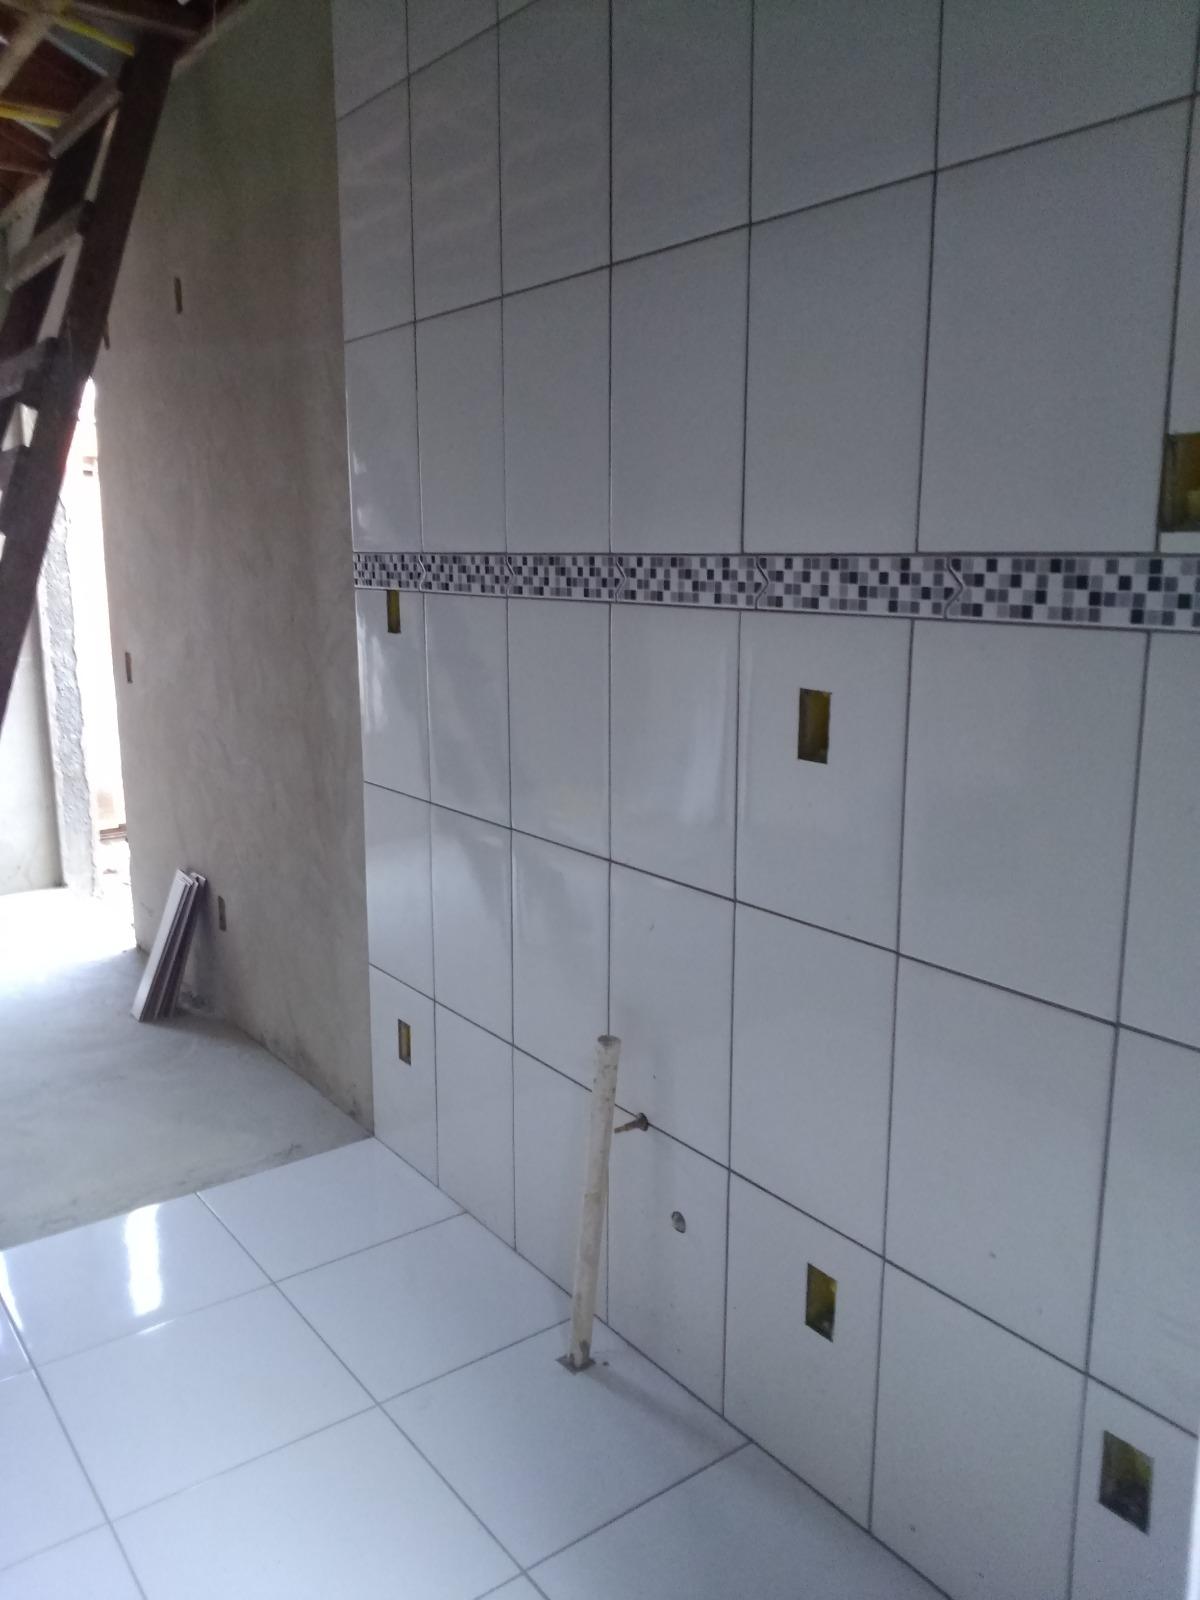 Residencial Minas Gerais - Casa 2 Dorm, Niterói, Canoas (BD2900) - Foto 4